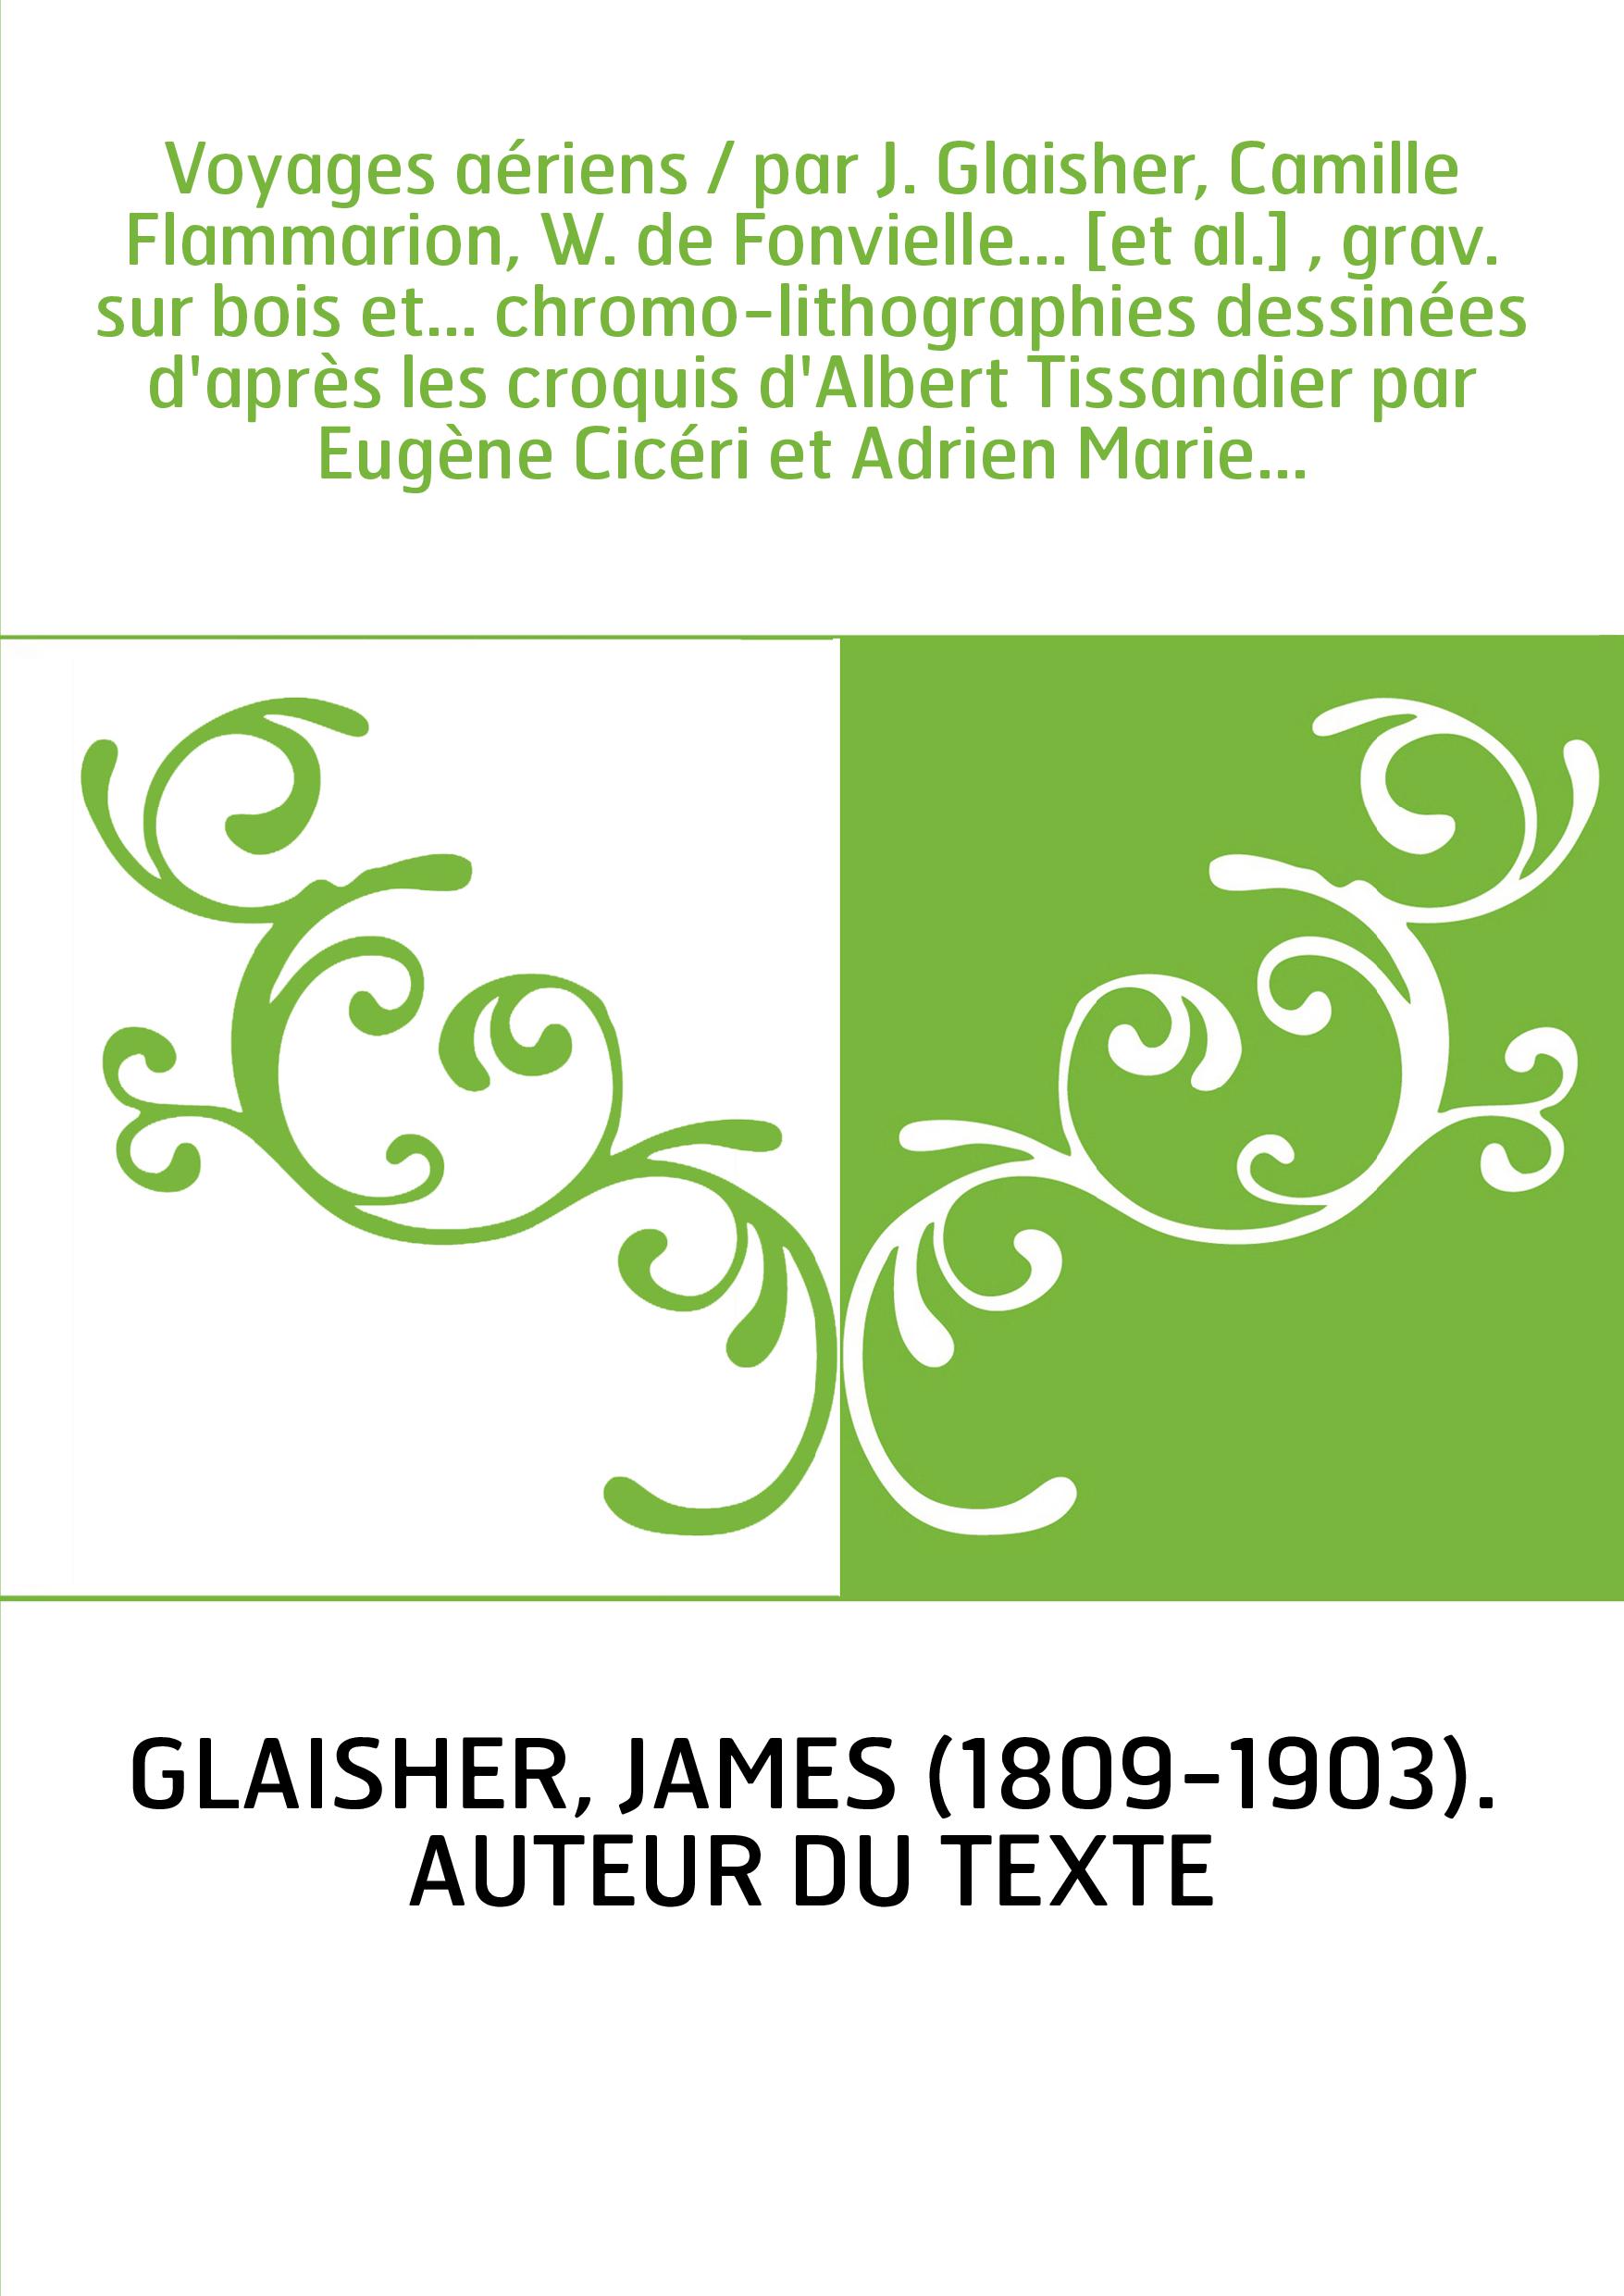 Voyages aériens / par J. Glaisher, Camille Flammarion, W. de Fonvielle... [et al.] , grav. sur bois et... chromo-lithographies d